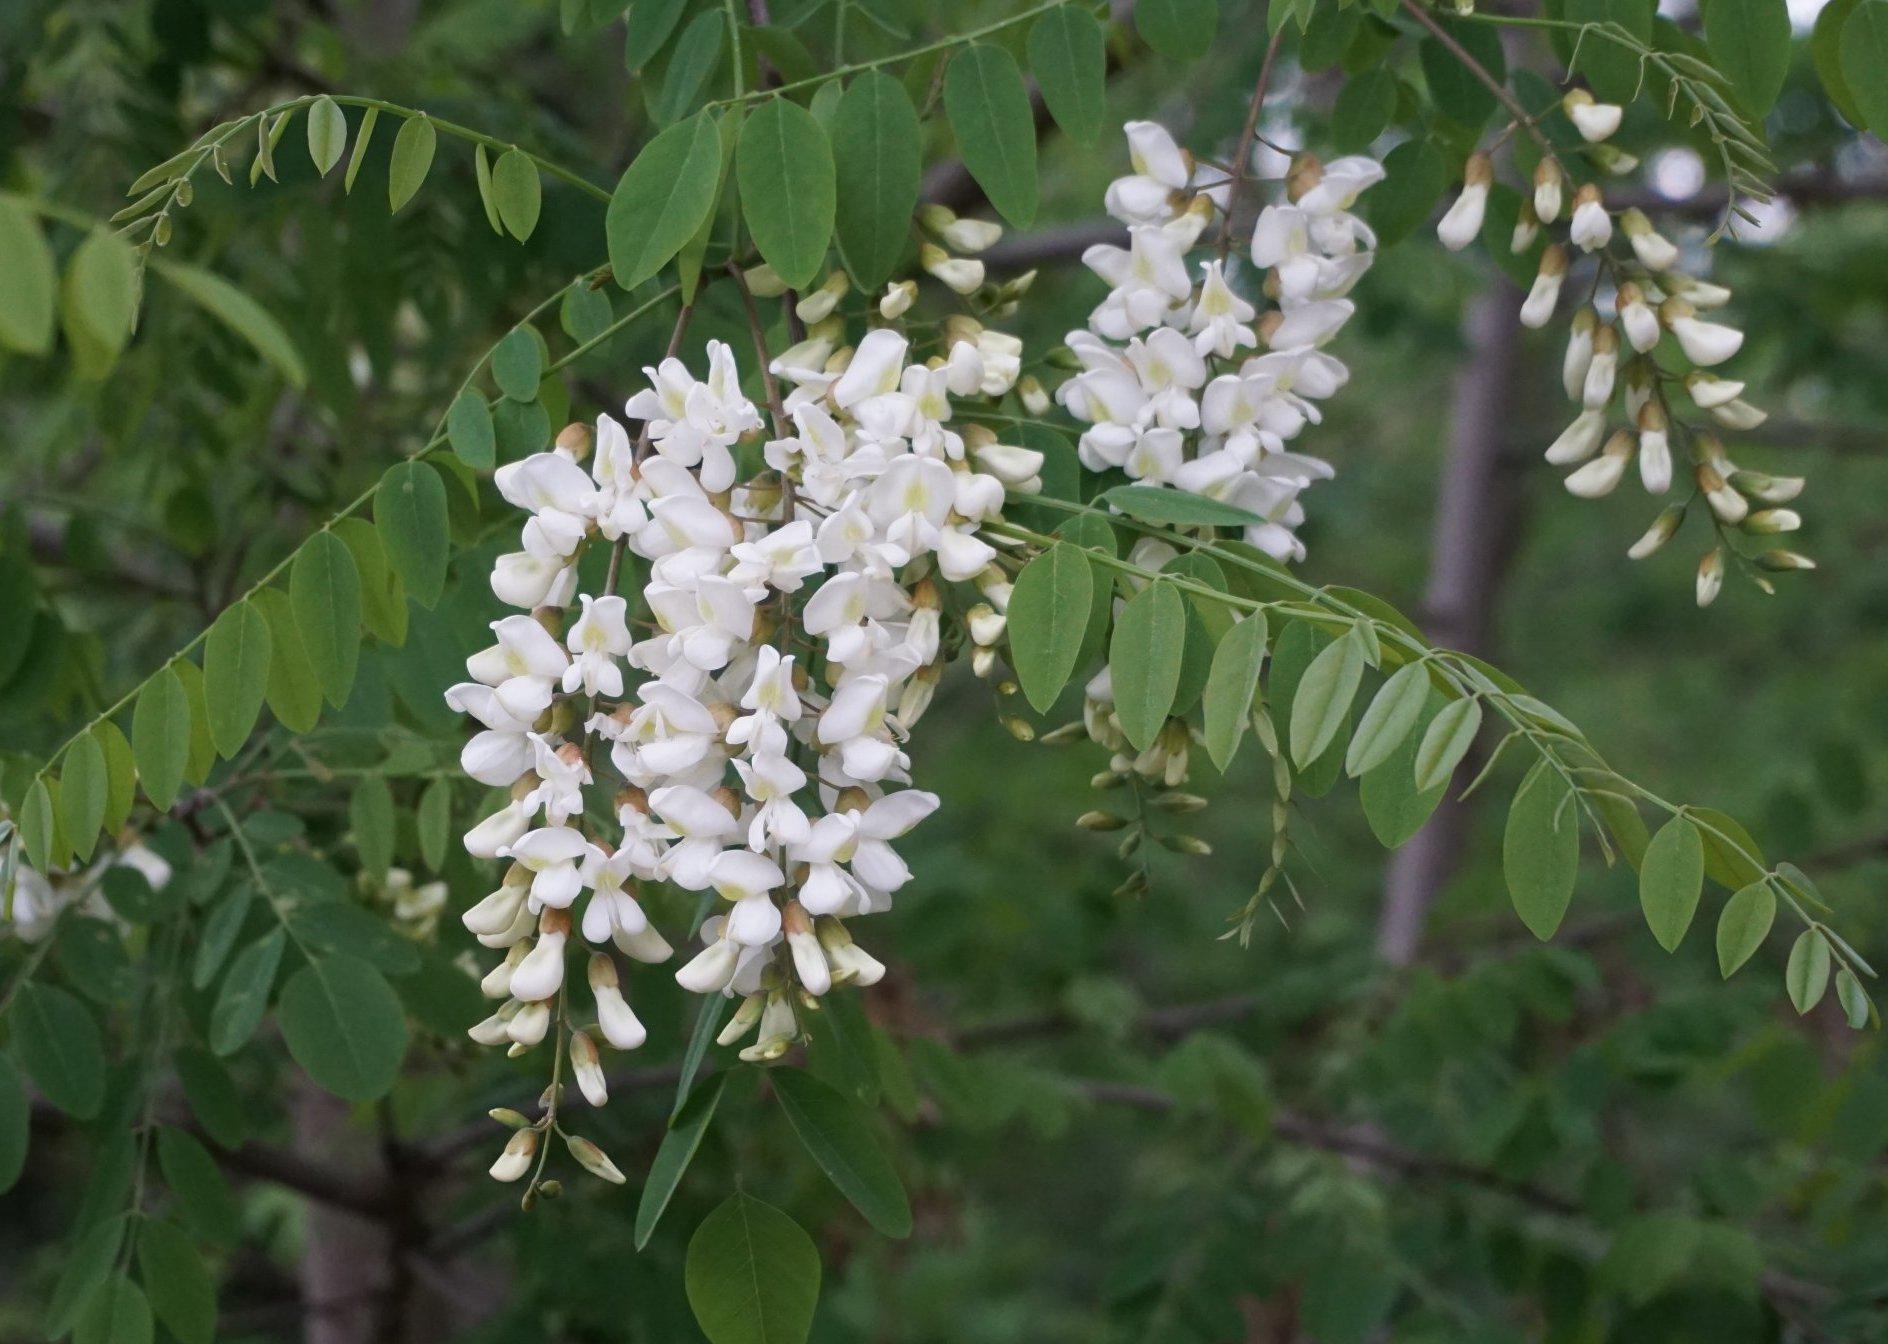 Das Bild zeigt die traubenartigen Blütenstände der Robinie aus weißen Schmetterlingsblüten.